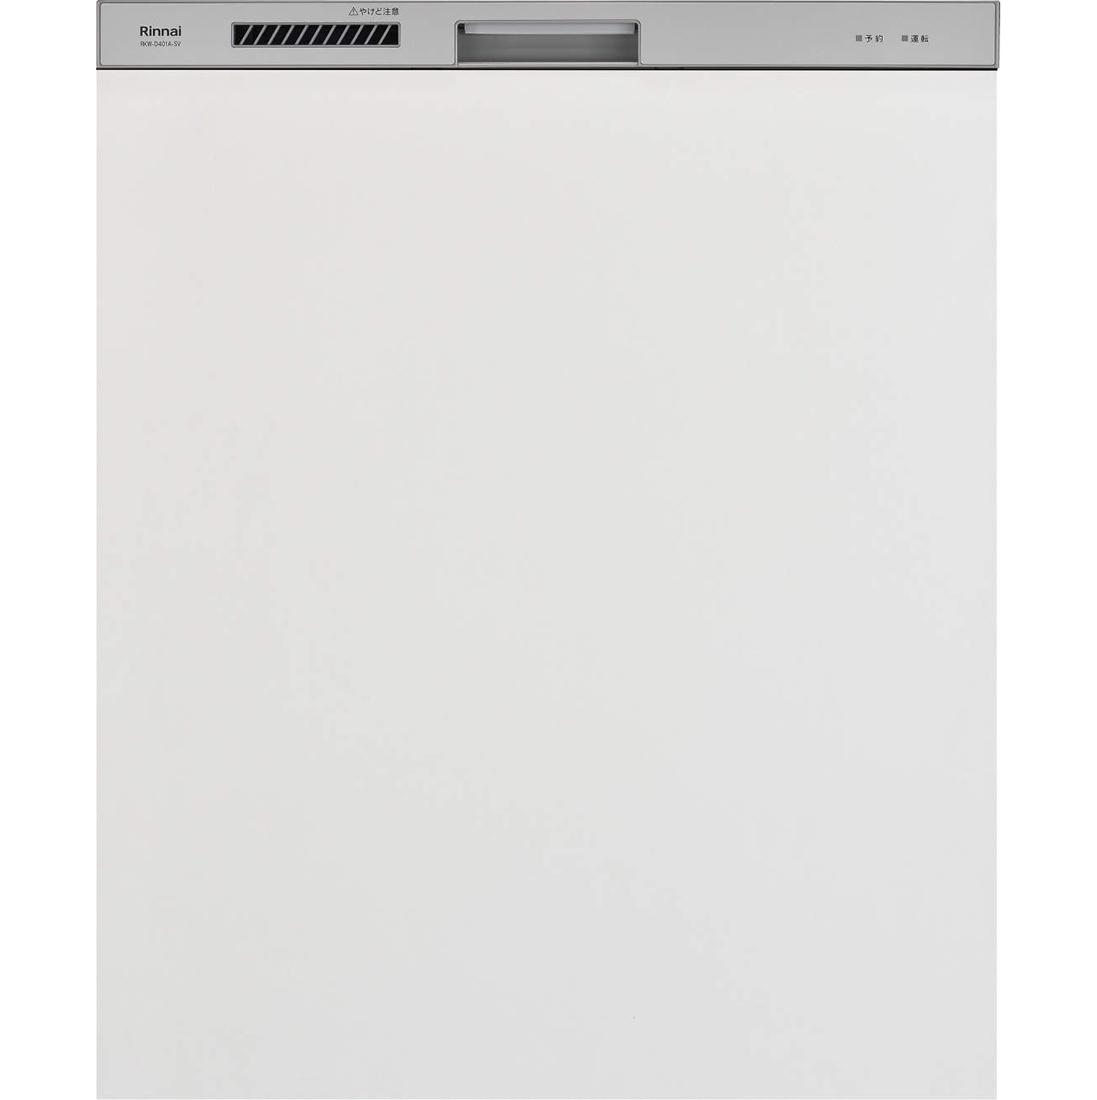 ▽###リンナイ 食器洗い乾燥機【RSW-SD401AE-SV】シルバー 自立脚付きタイプ 深型スライドオープン おかってカゴタイプ 幅45cm スタンダード